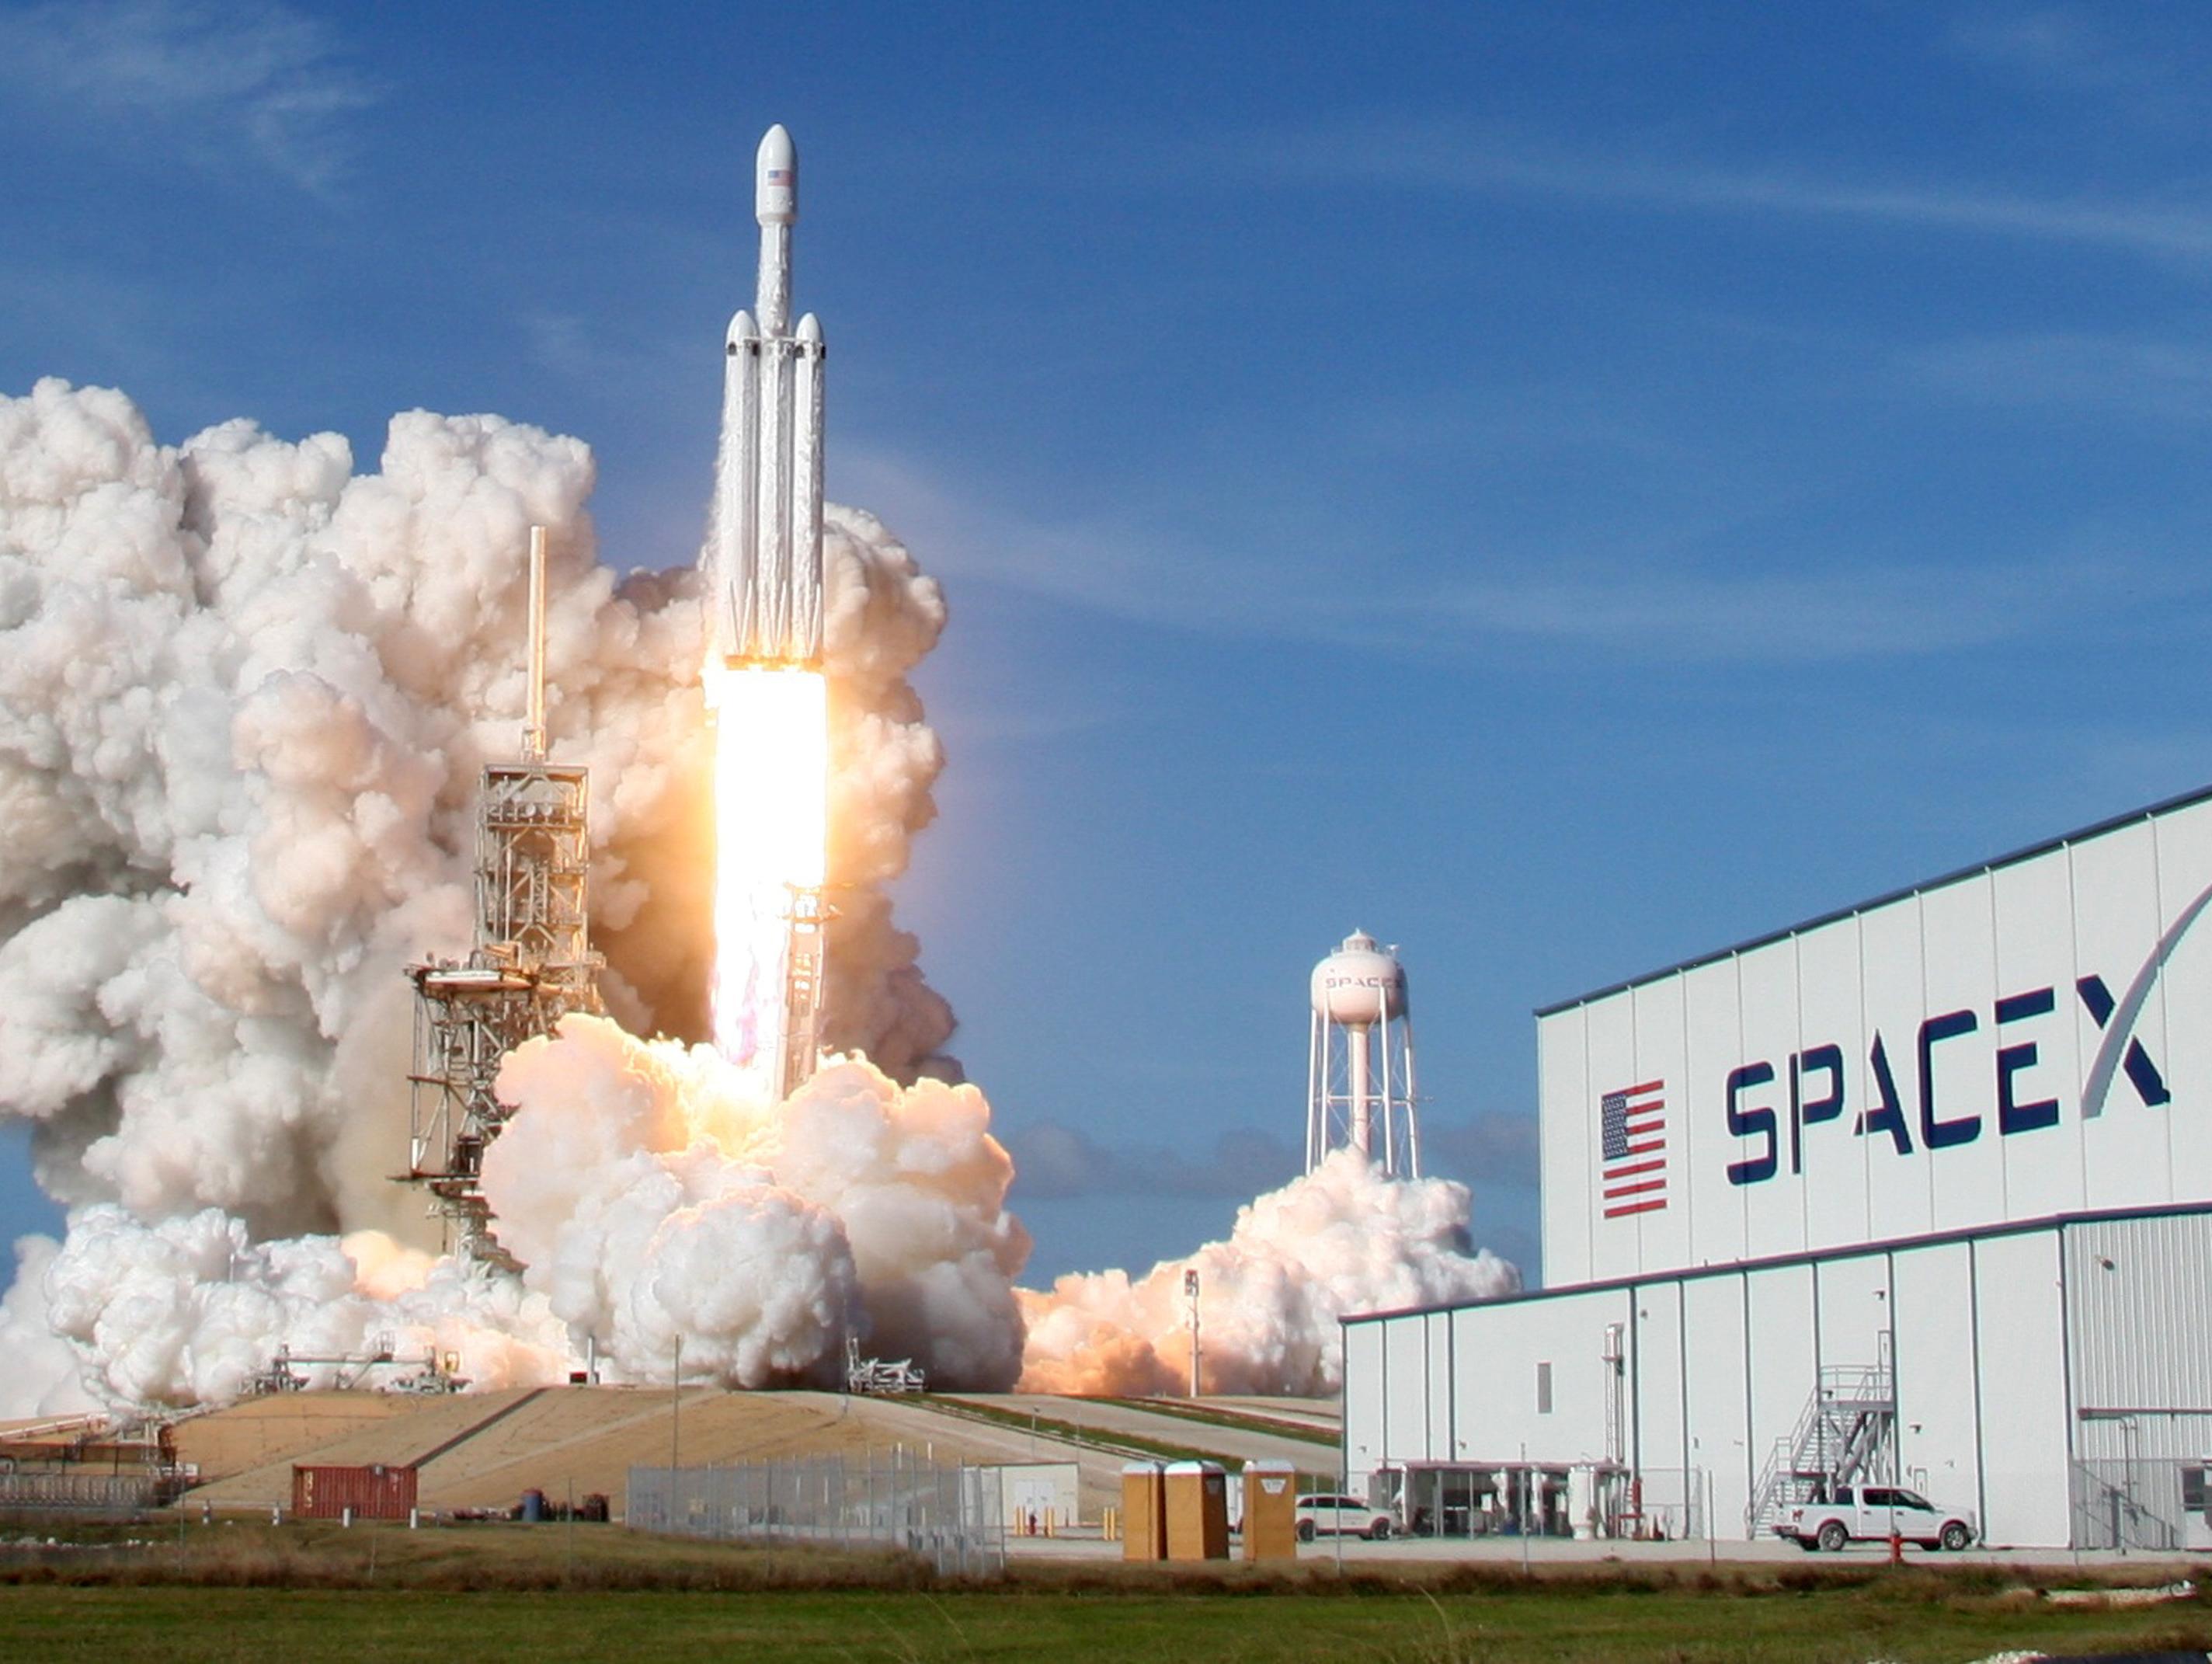 חברת SpaceX שיגרה לחלל את Falcon Heavy הטיל הגדול ביותר אי פעם